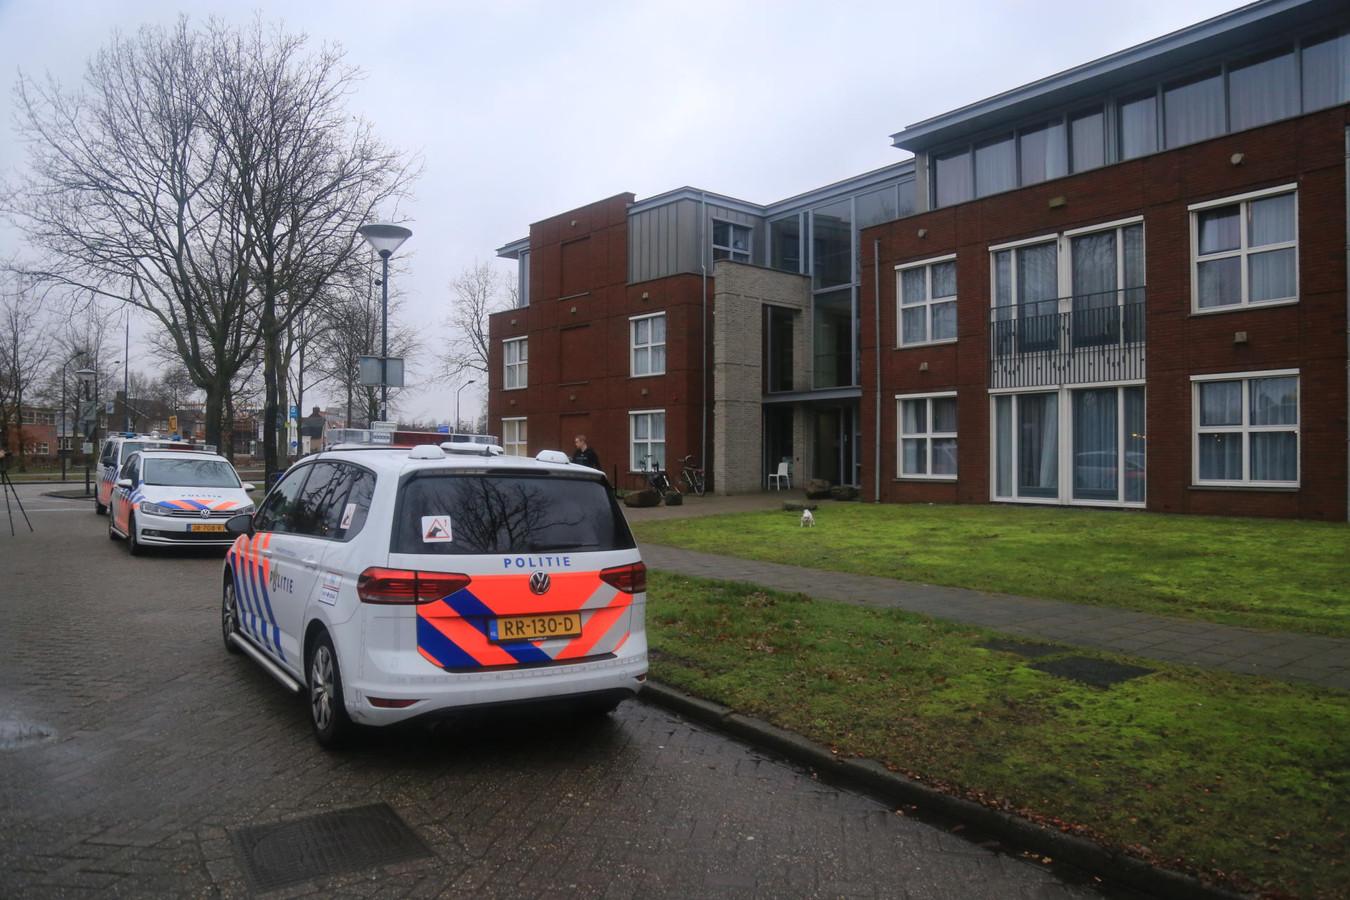 De politie deed na het incident onderzoek in de woning.